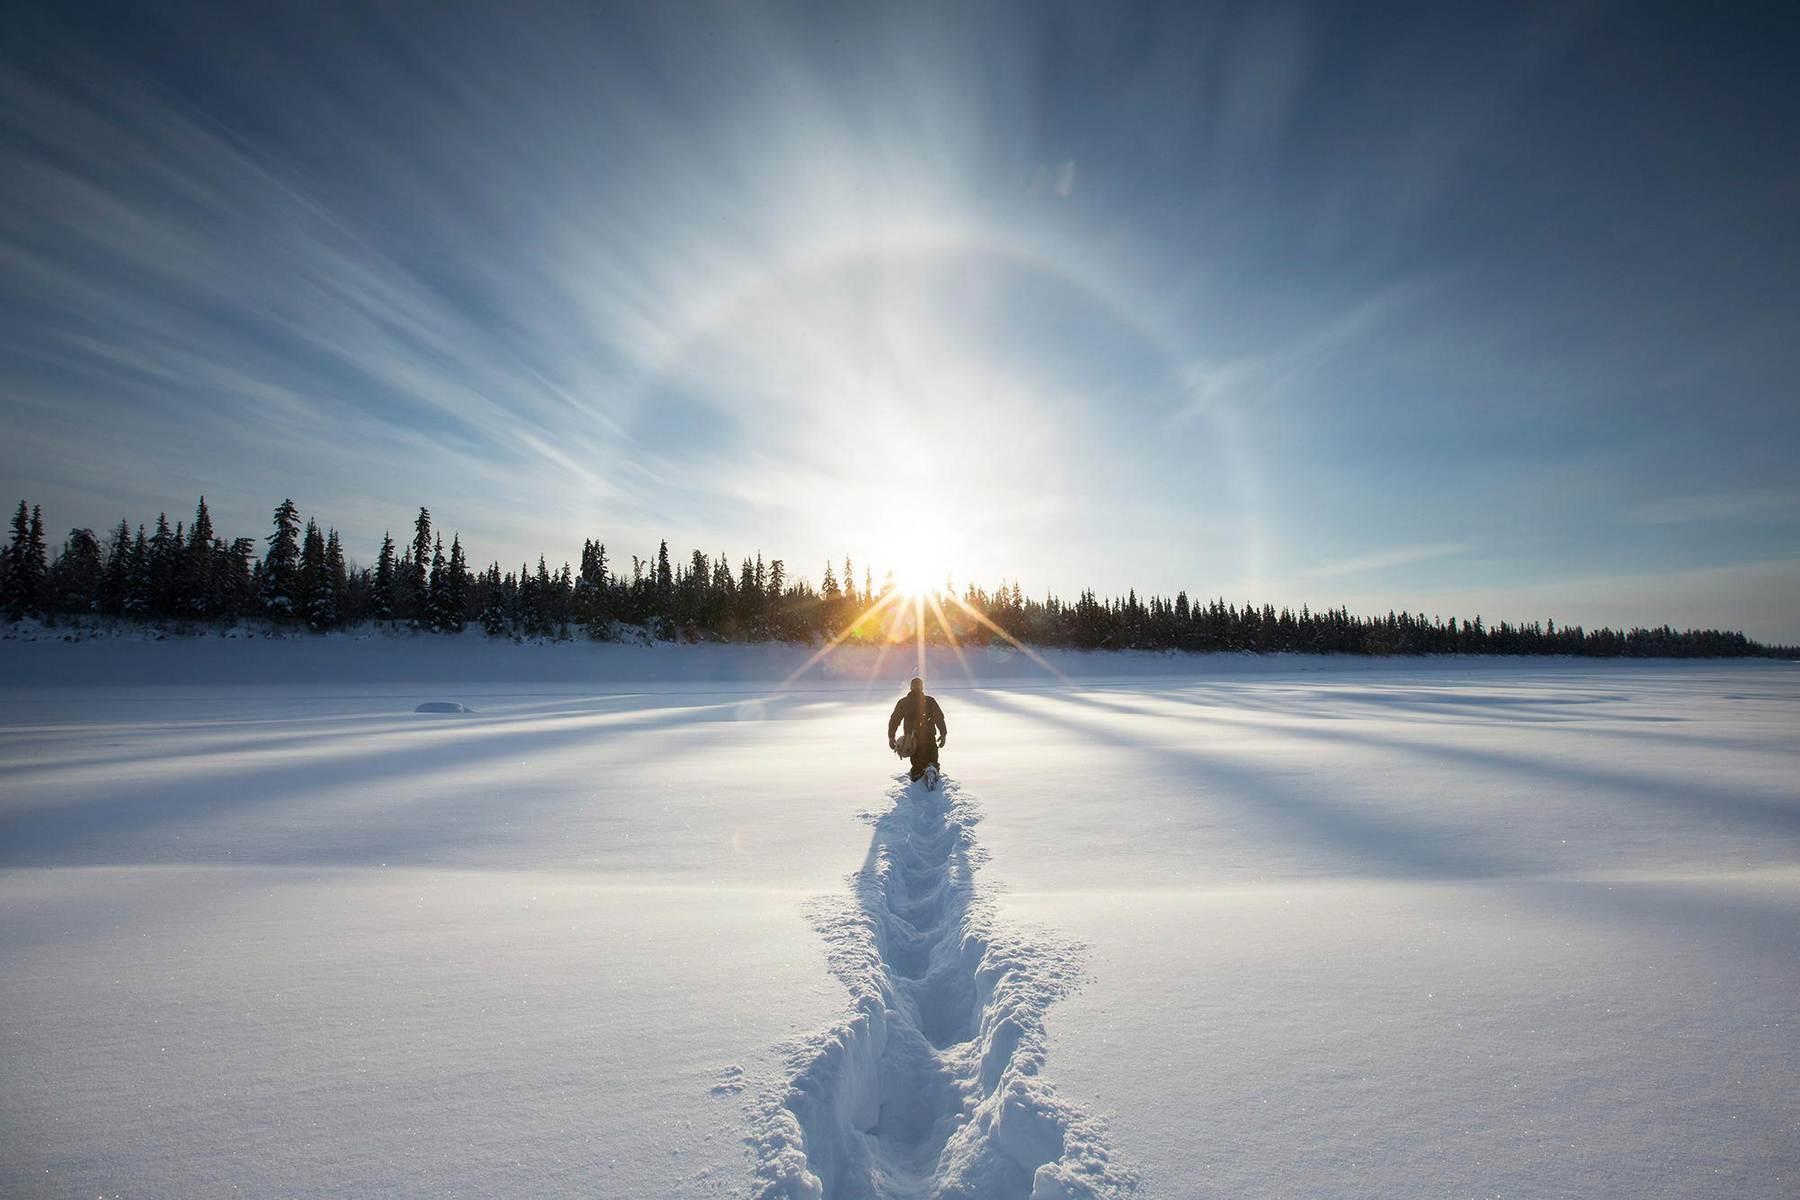 Открытки поздравления, картинки солнцеворот зимний